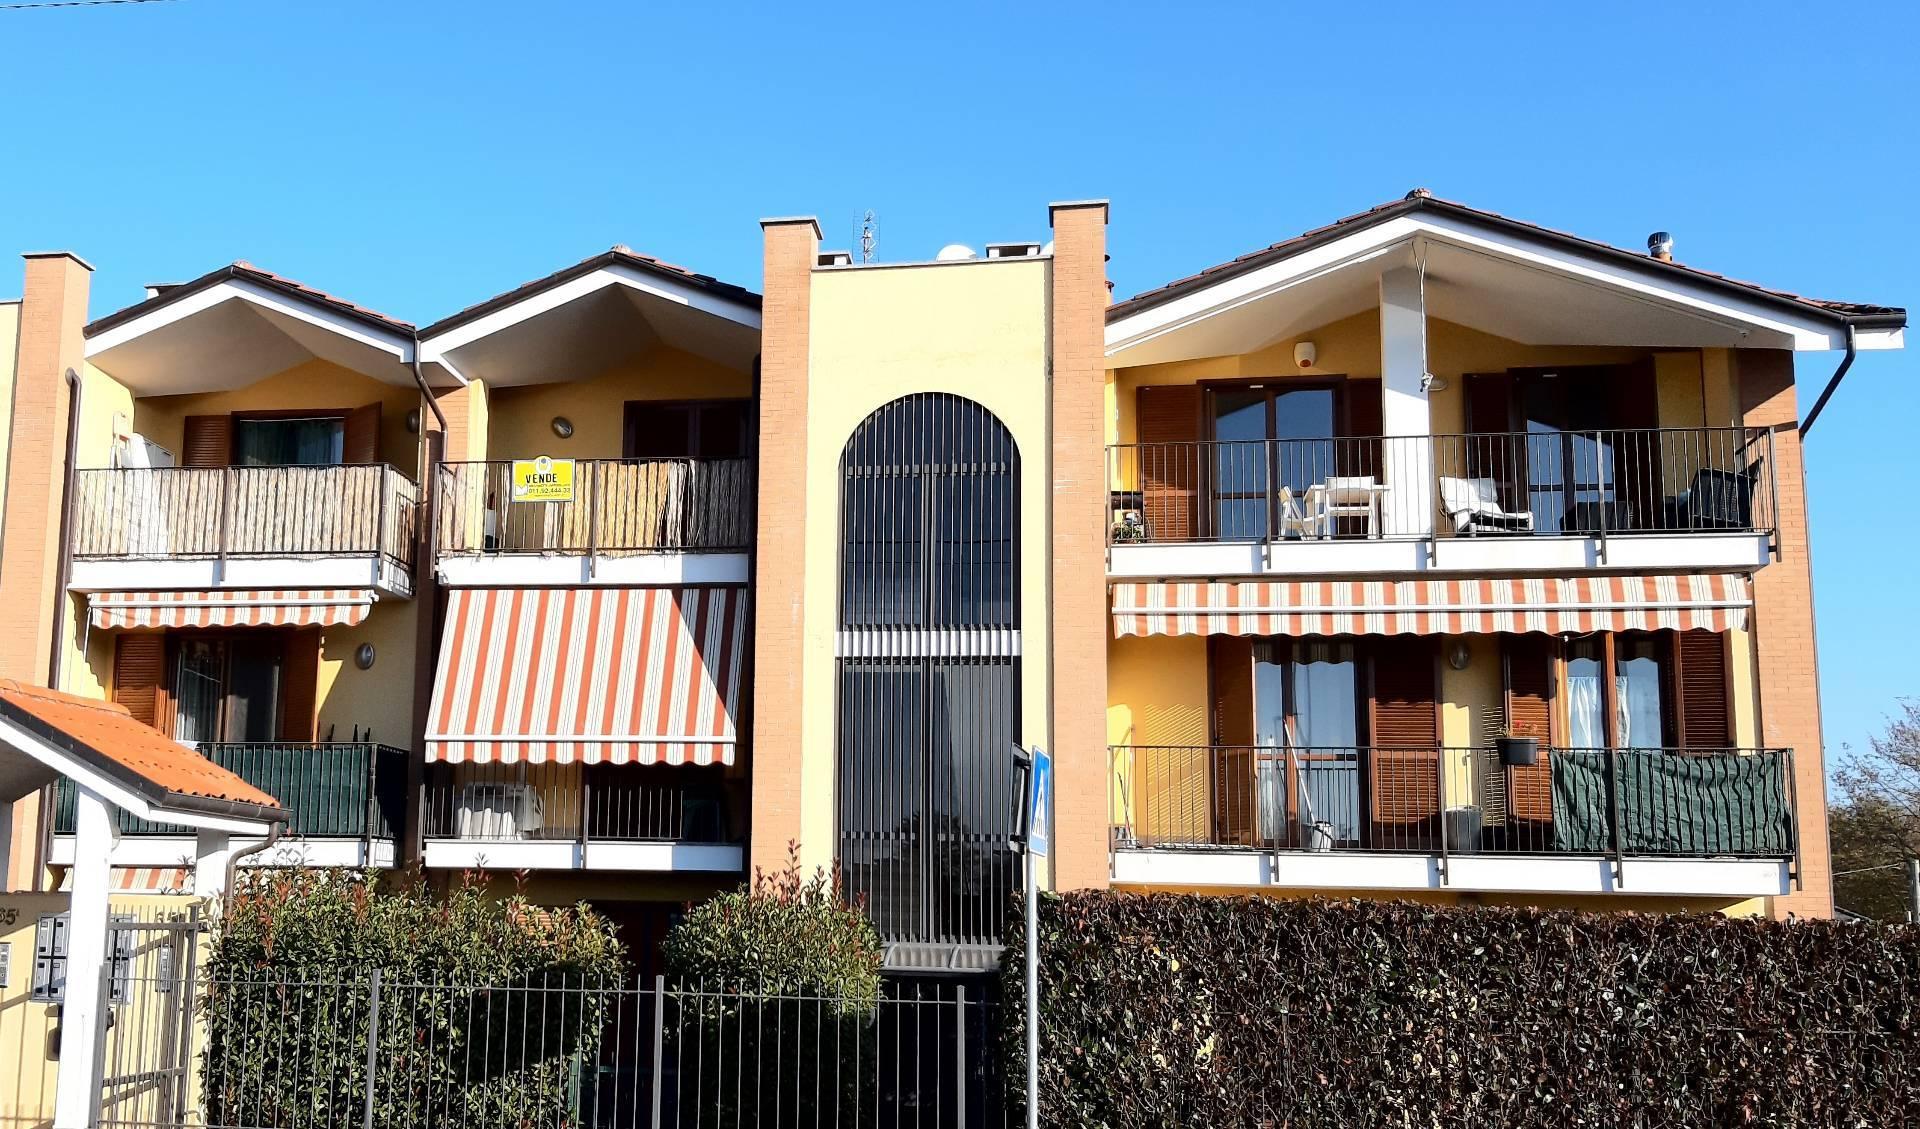 Appartamento in vendita a San Carlo Canavese, 2 locali, zona Località: Centro, prezzo € 95.000 | PortaleAgenzieImmobiliari.it